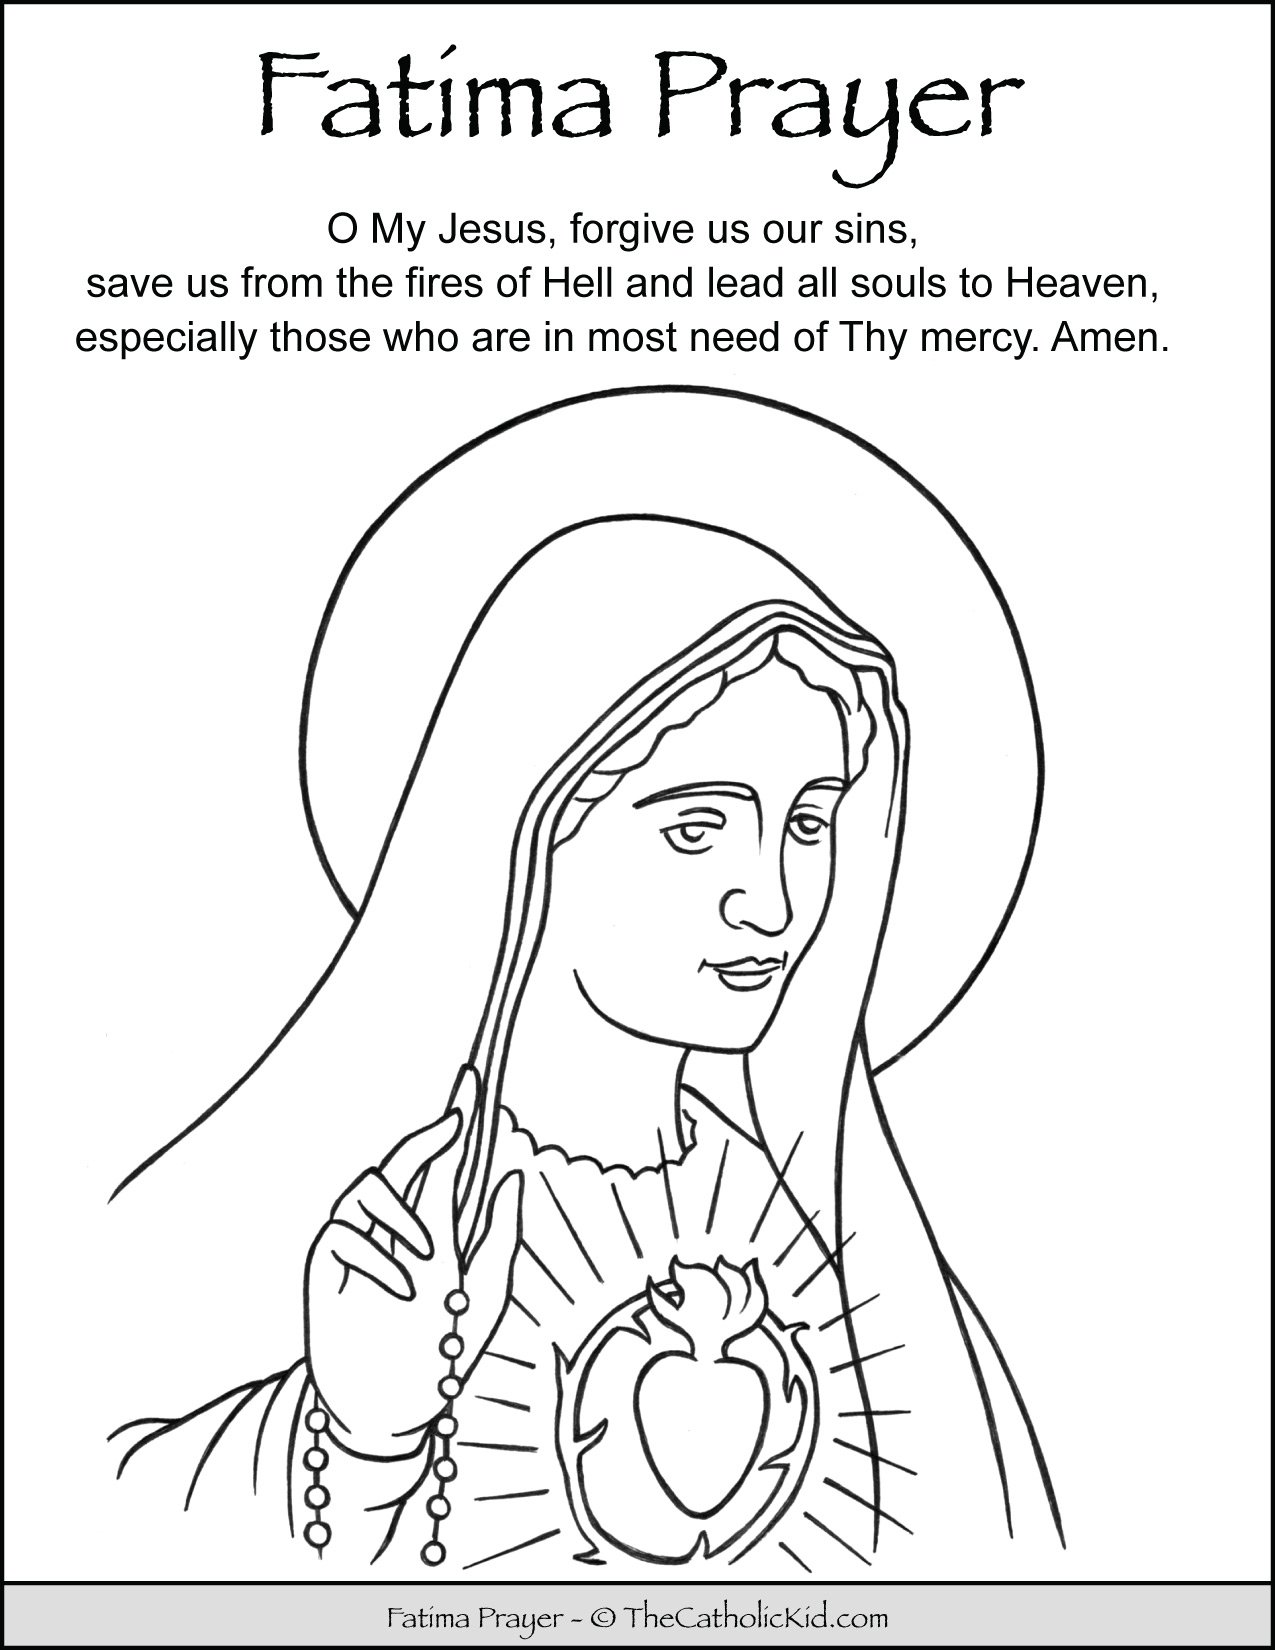 Fatima Prayer Coloring Page